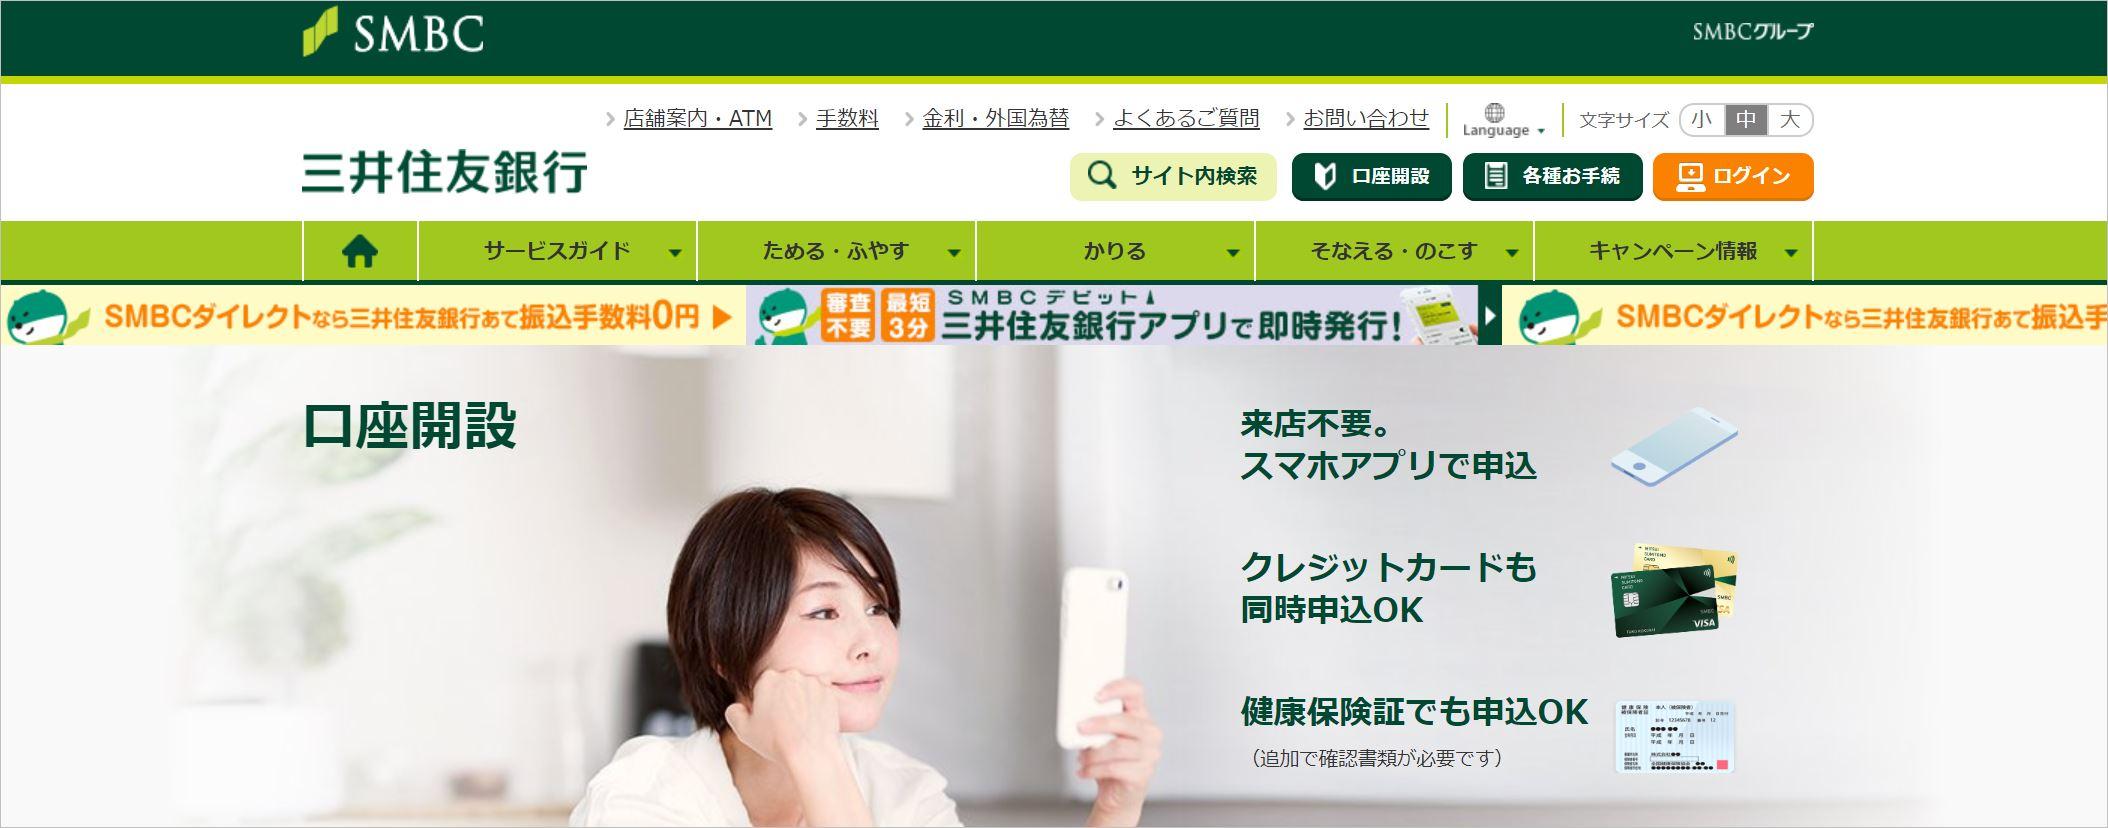 三井住友銀行口座開設ページのトップ画面